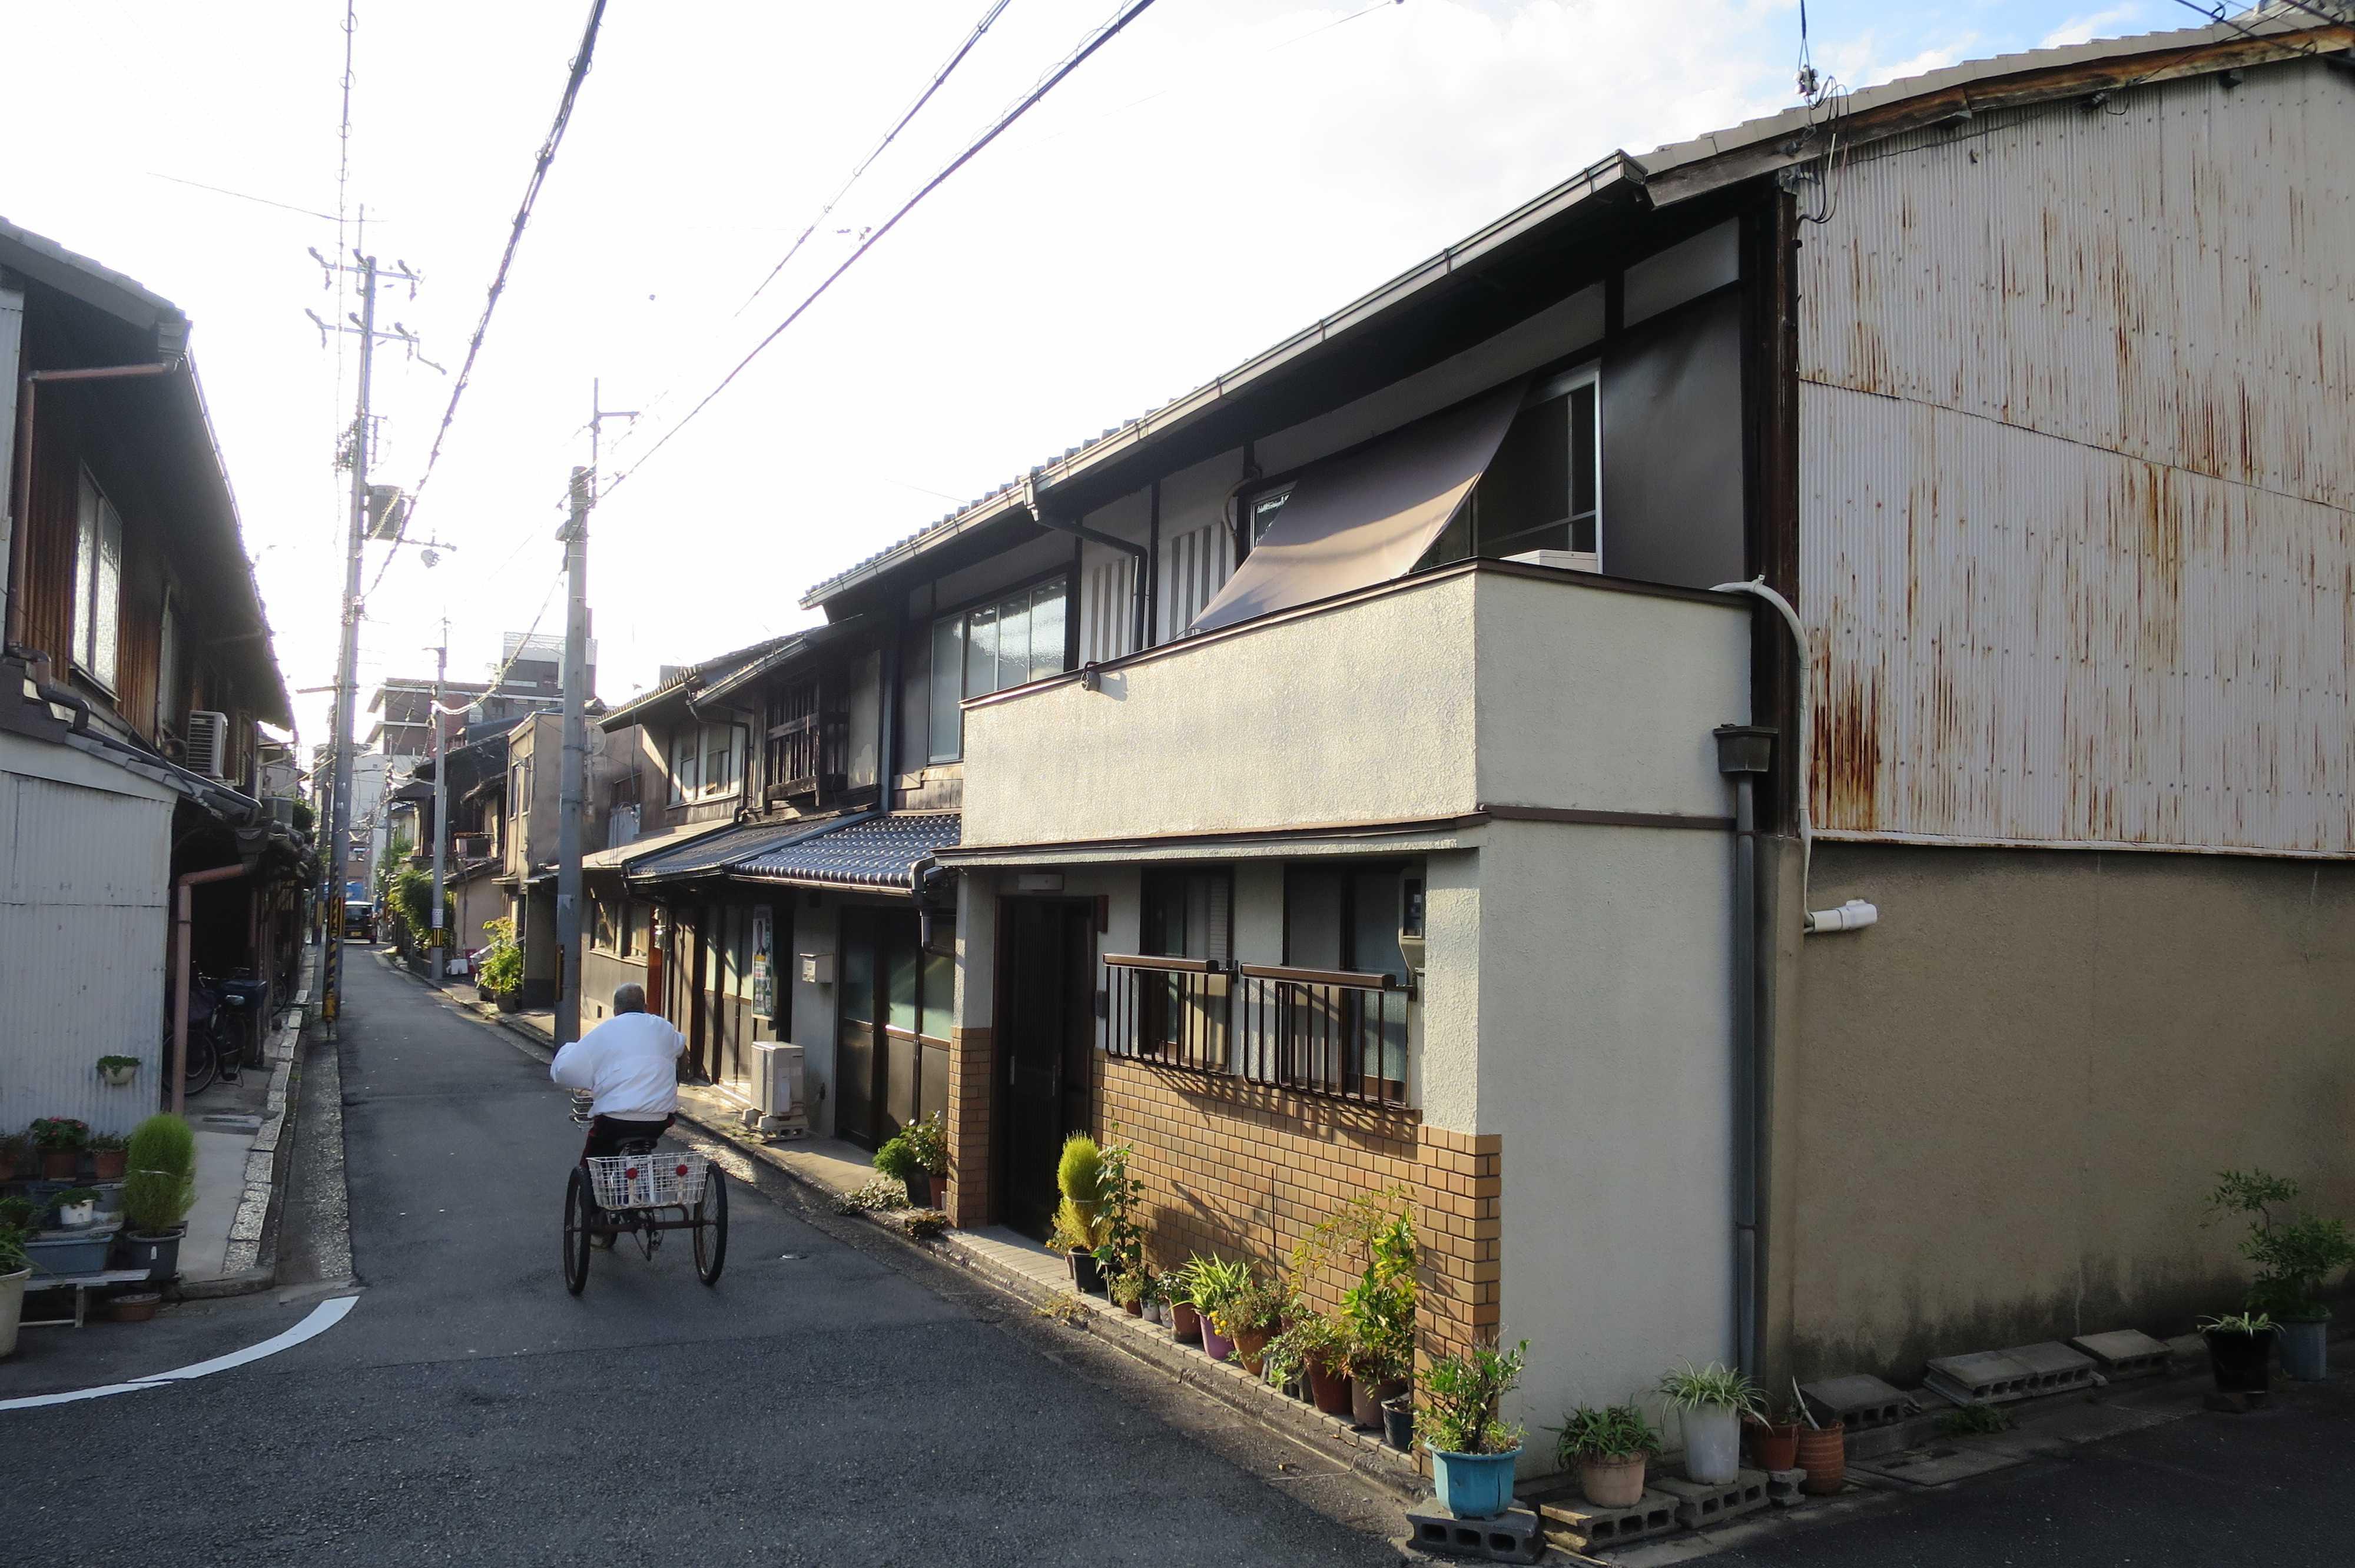 京都・山王地区 - 通り過ぎる三輪自転車